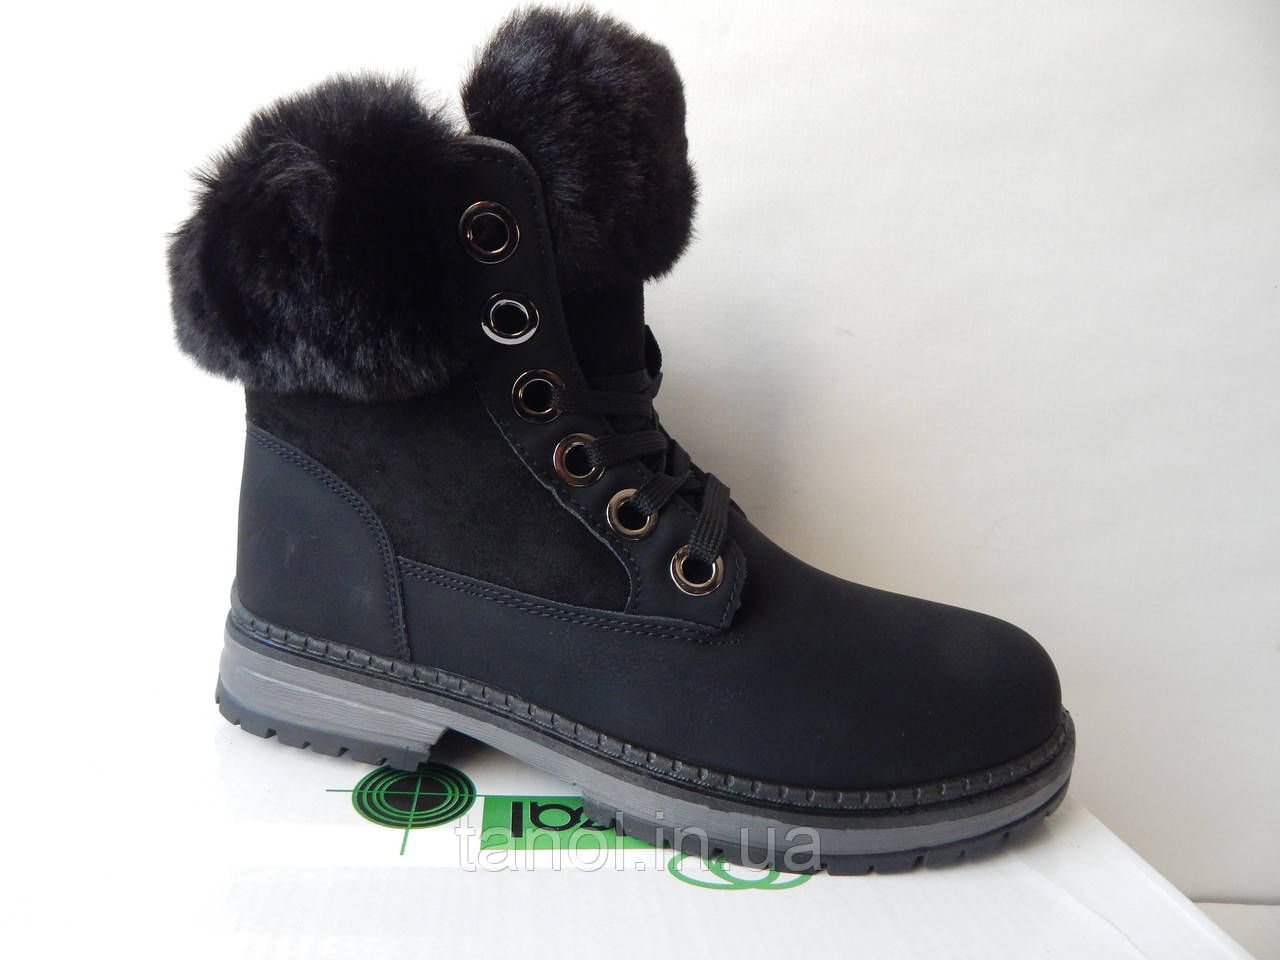 Ботинки молодежные женские теплые зимние